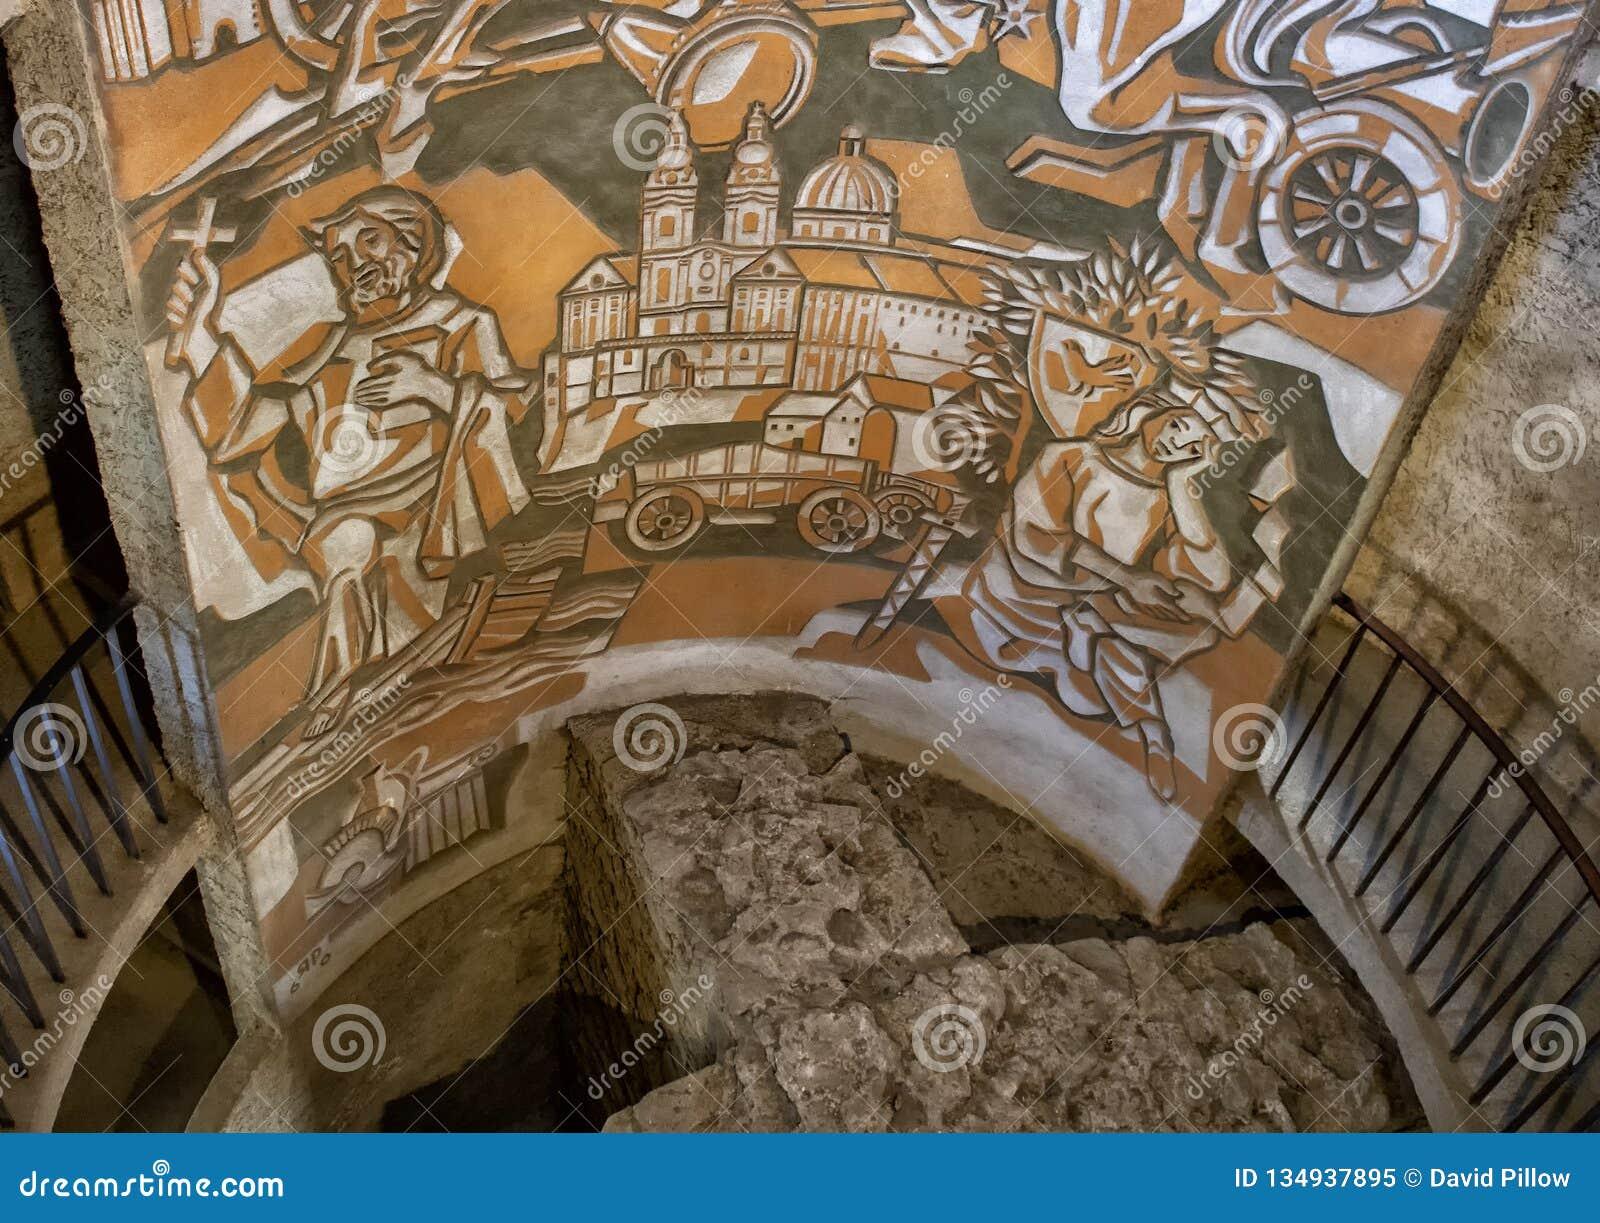 Художественное произведение внутри угла круглой башни юго-восточного, церковь-крепость St Michael